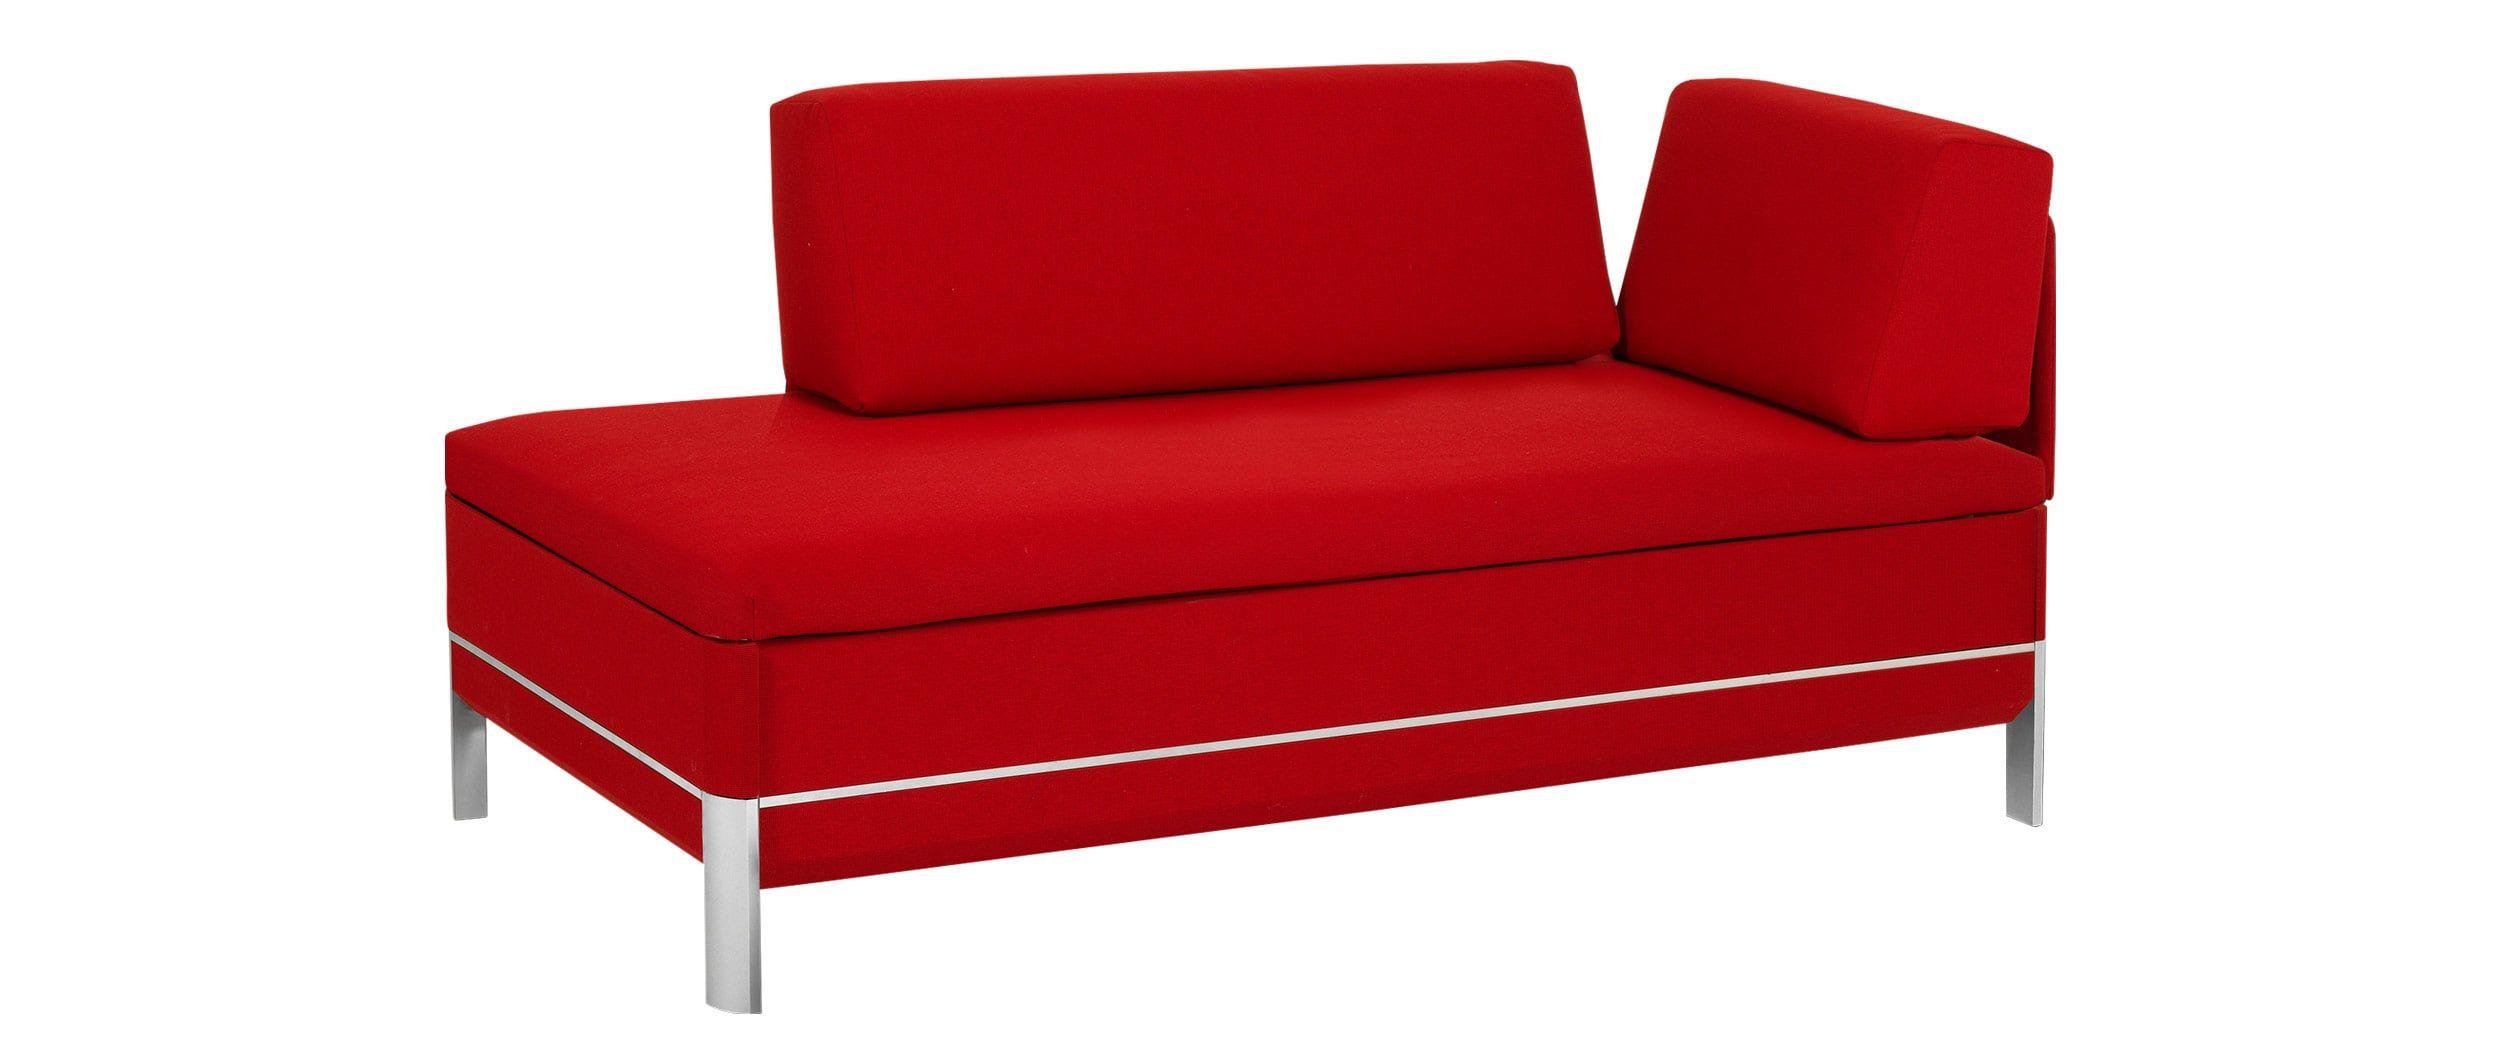 Liebenswert Schlafsofa Lattenrost Dekoration Von Cento 60 Des Schweizer Herstellers Swiss Ist